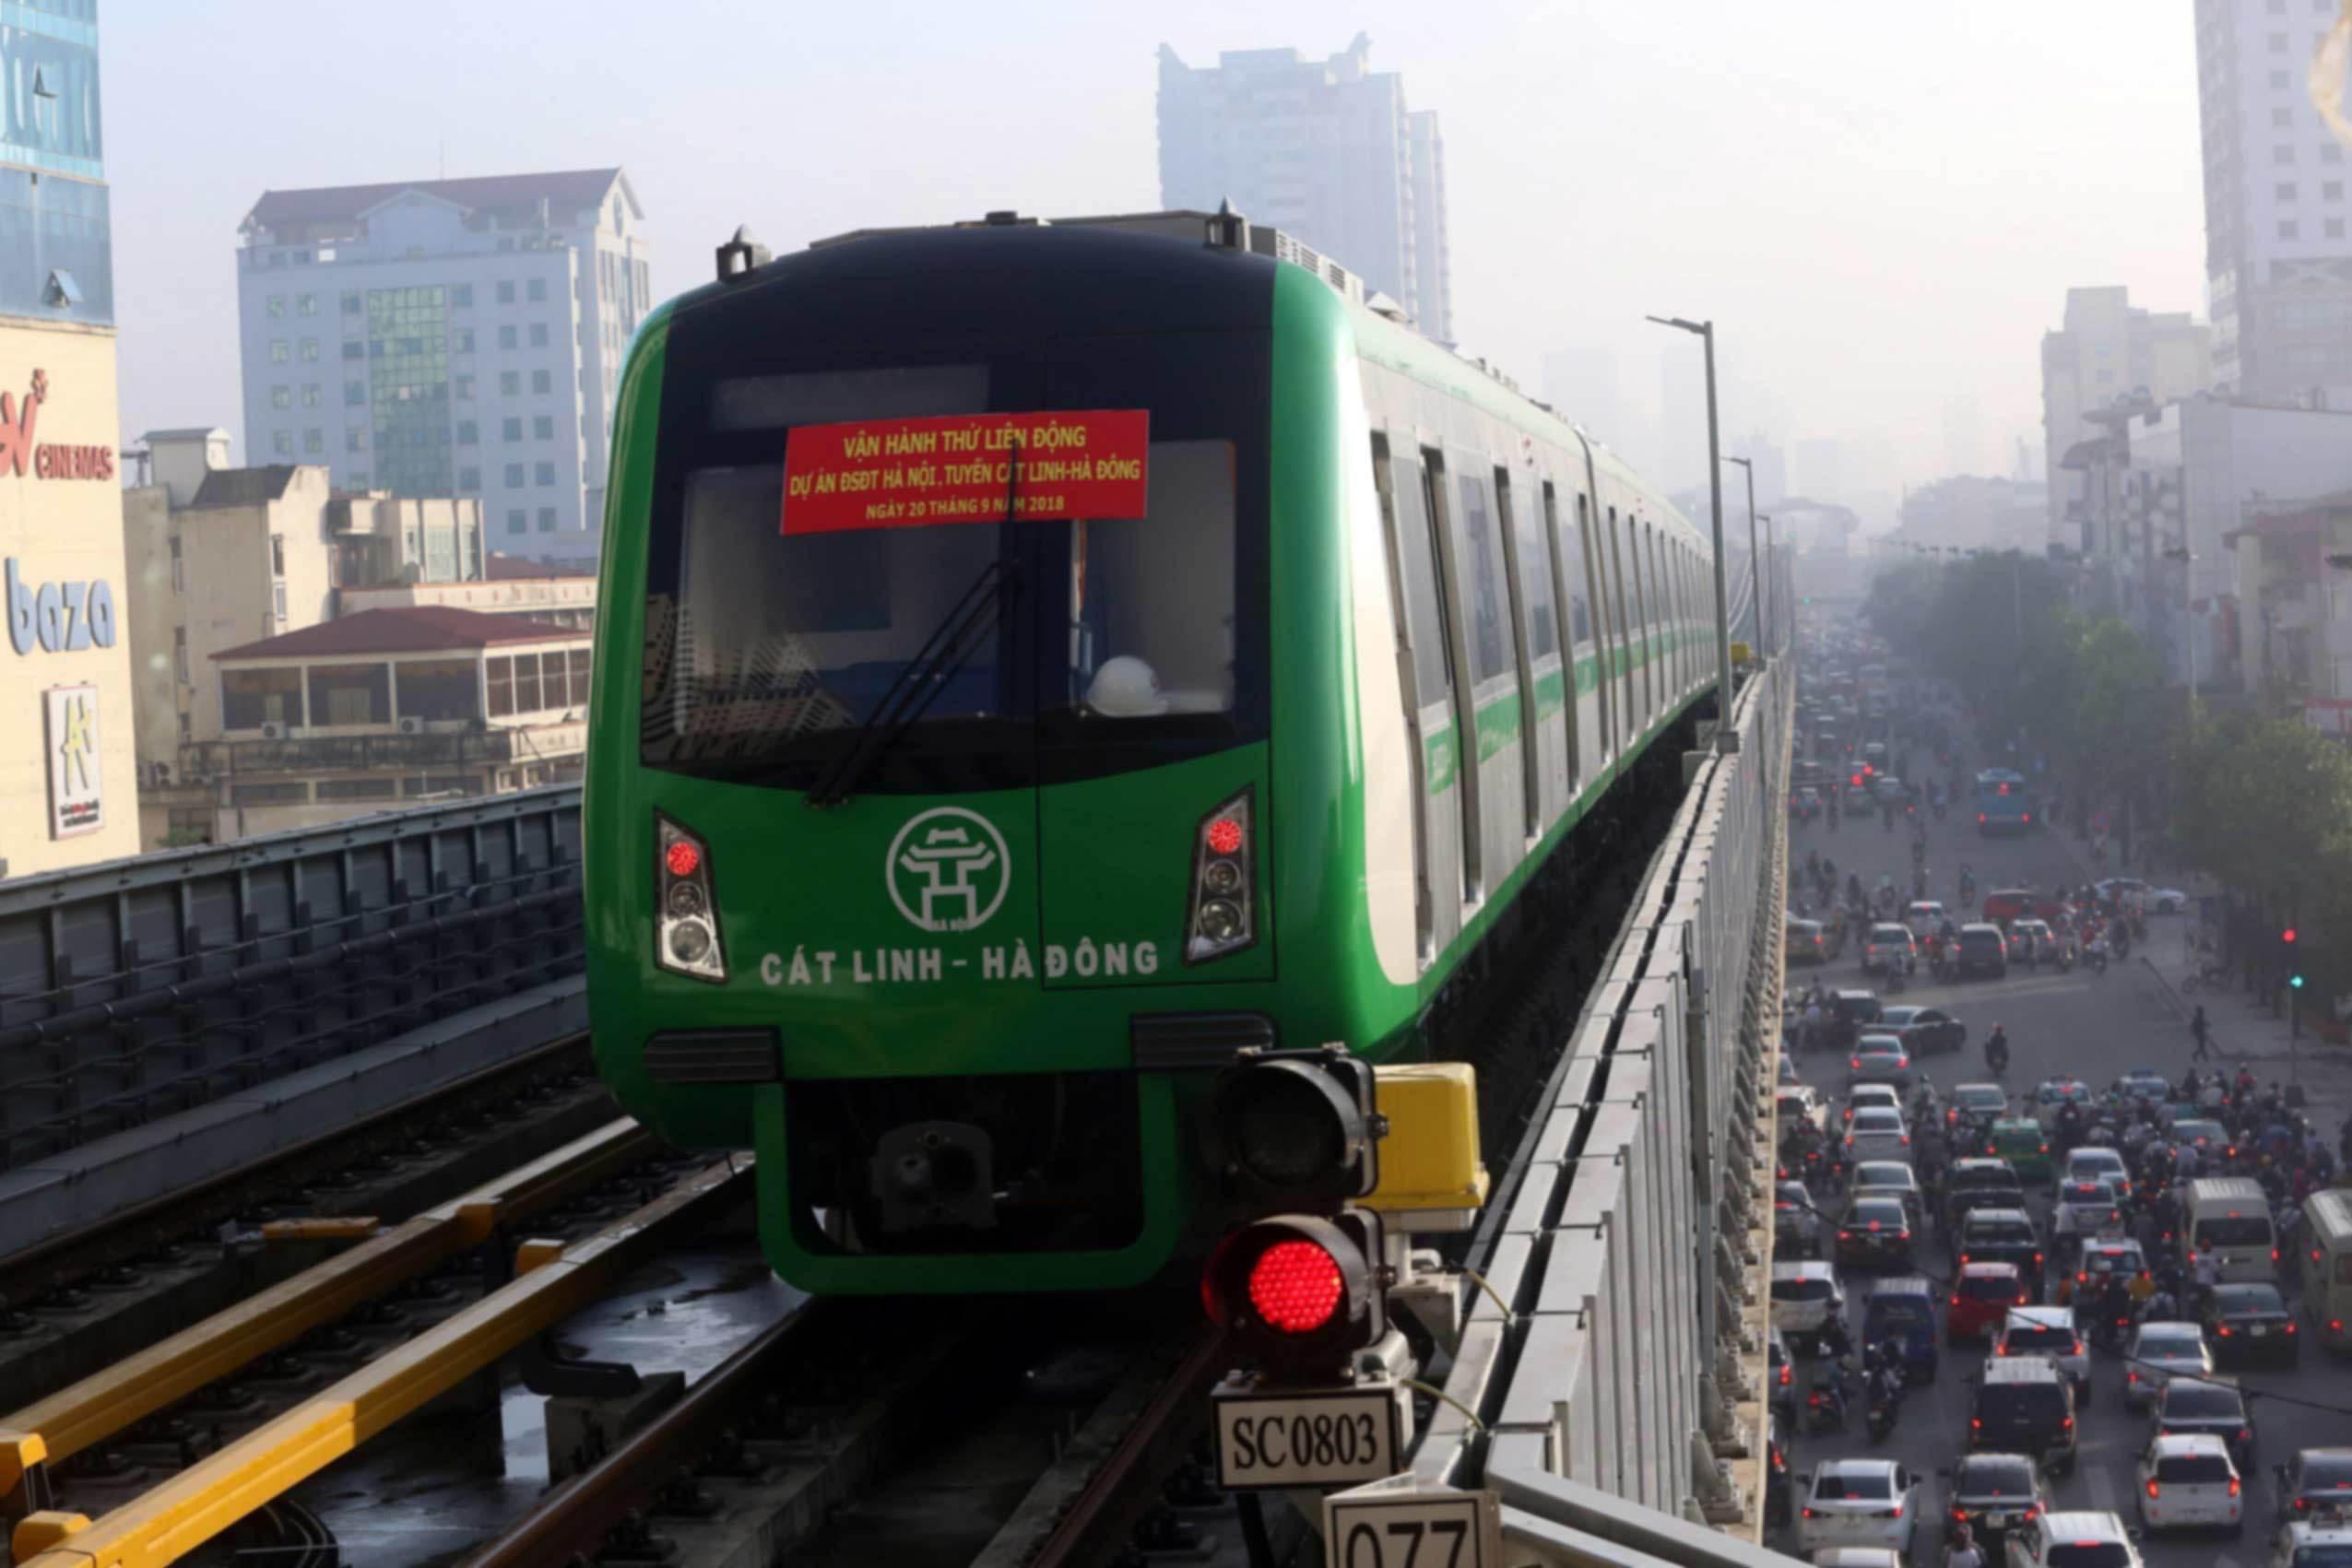 Bộ GTVT nói về điều kiện vận hành của đường sắt Cát Linh - Hà Đông